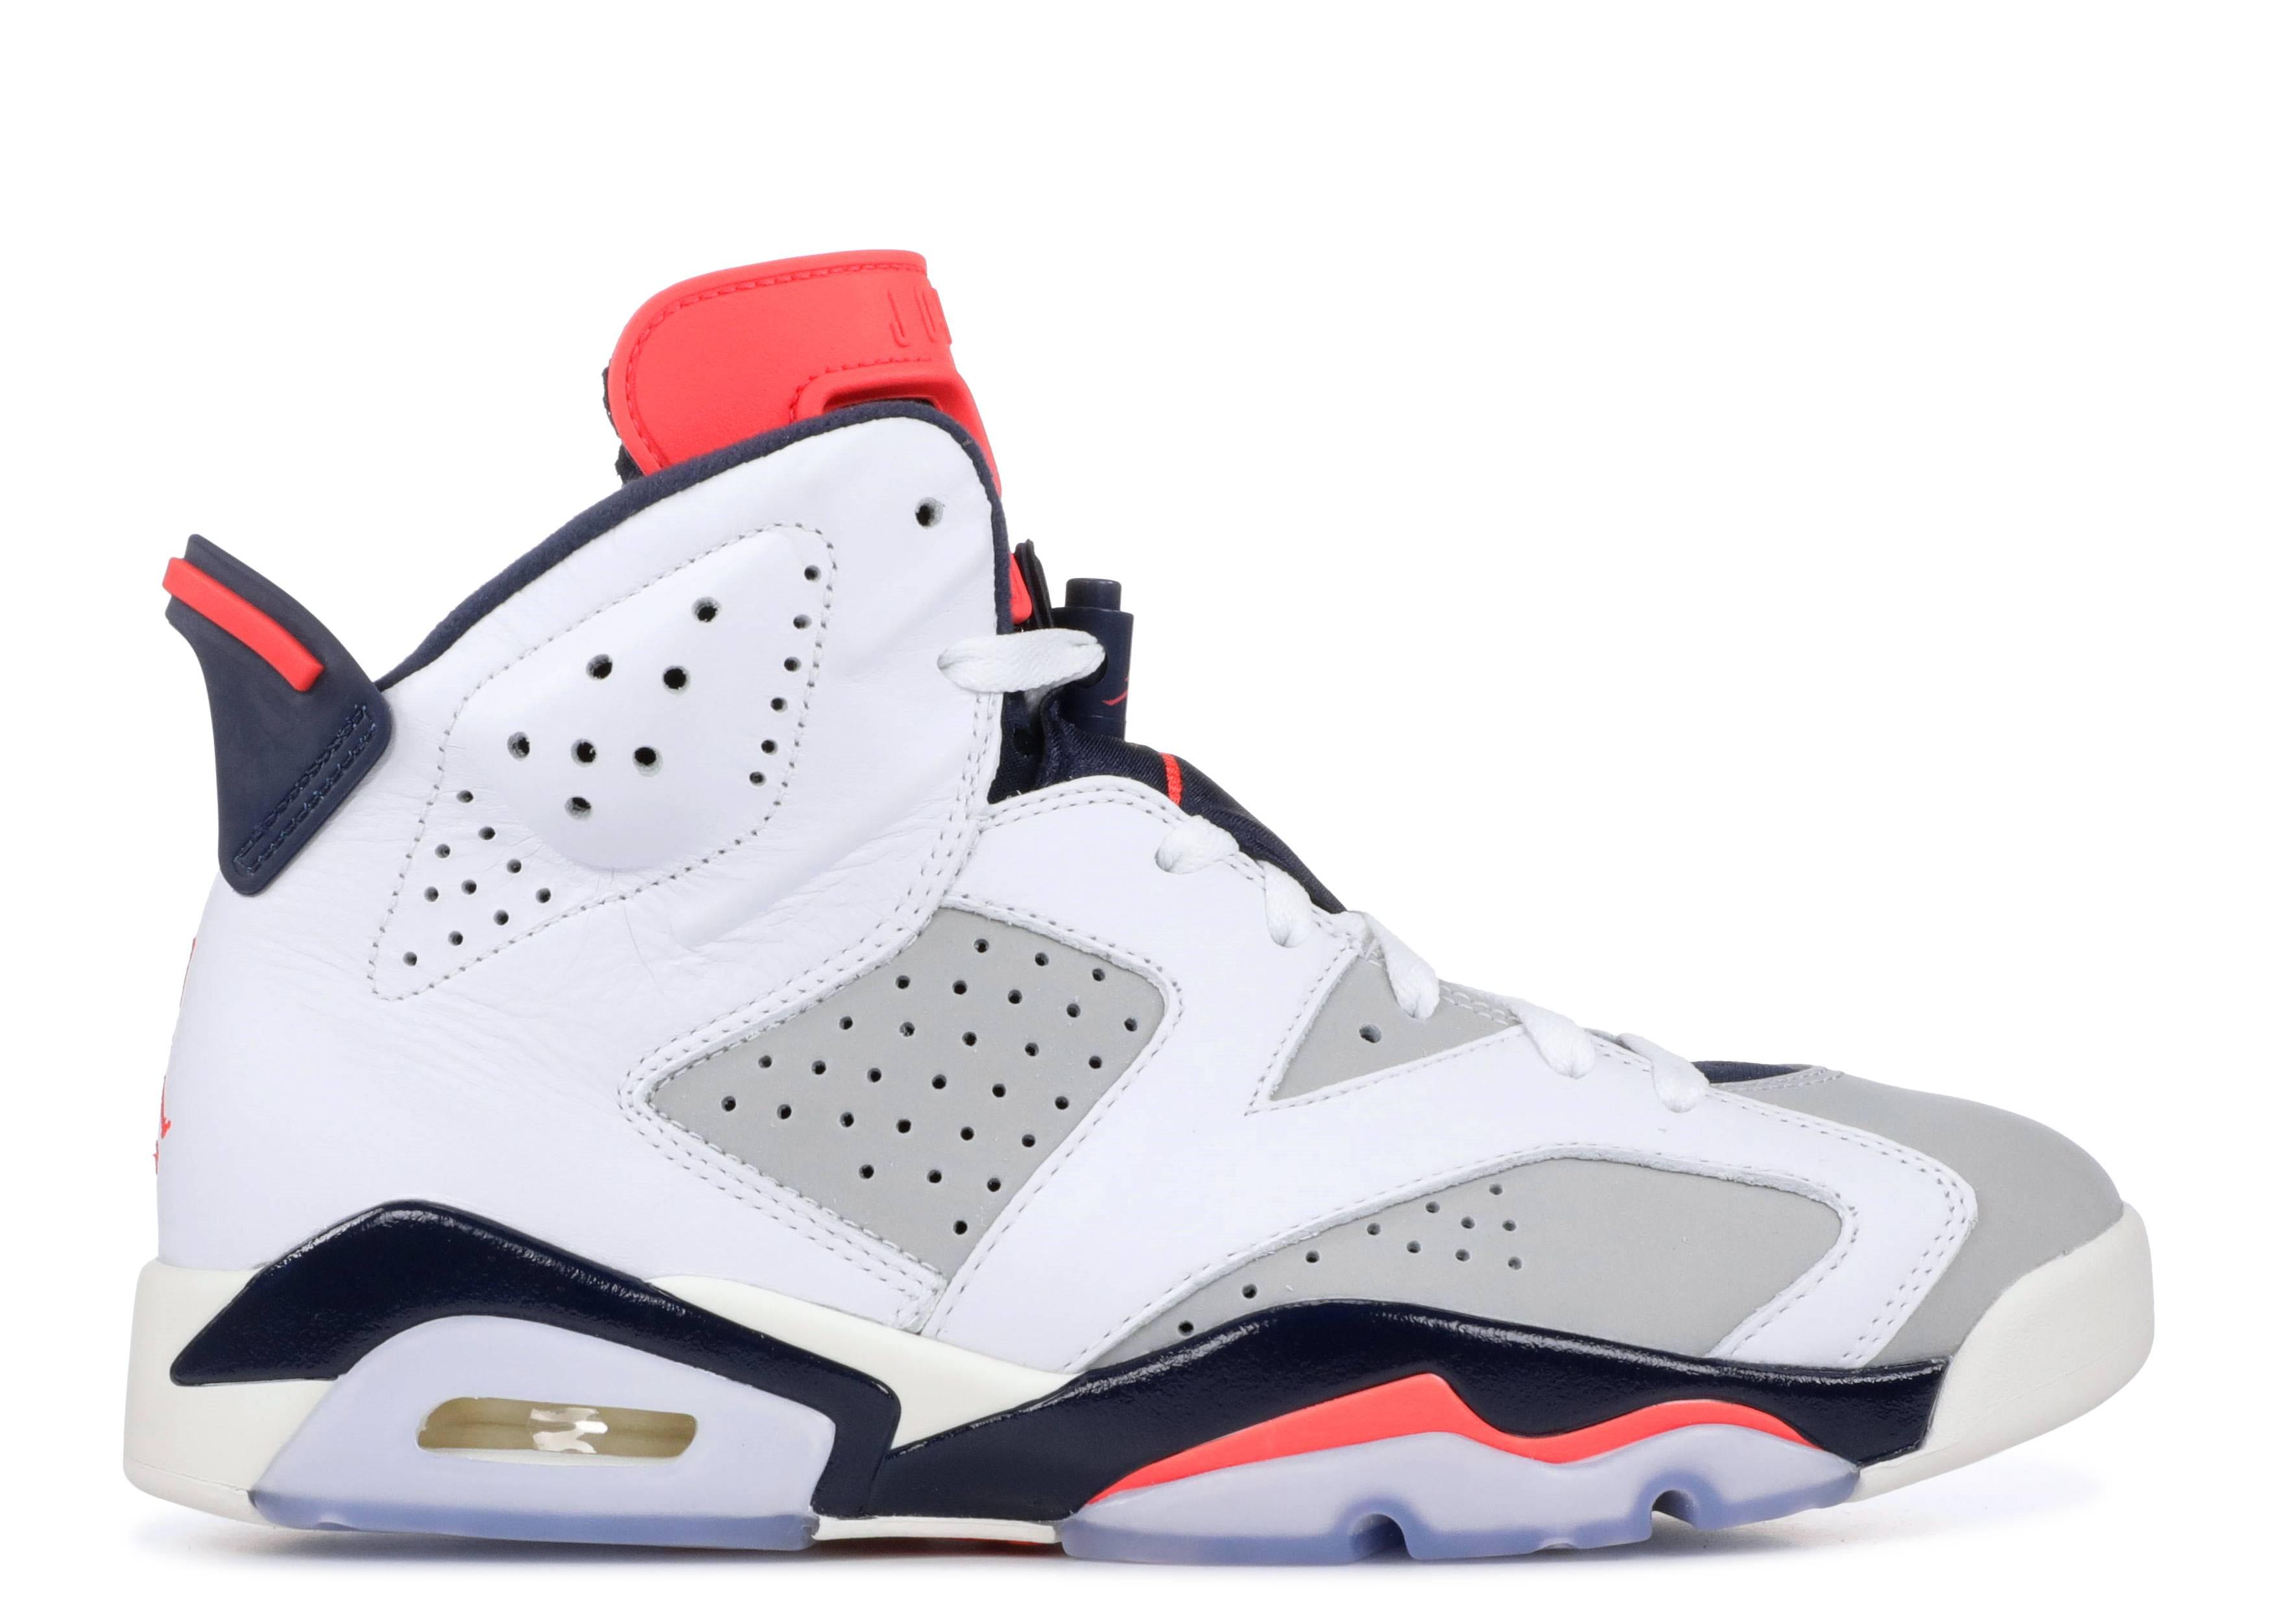 bliżej na specjalne wyprzedaże ekskluzywny asortyment Air Jordan 6 (VI) Shoes - Nike | Flight Club